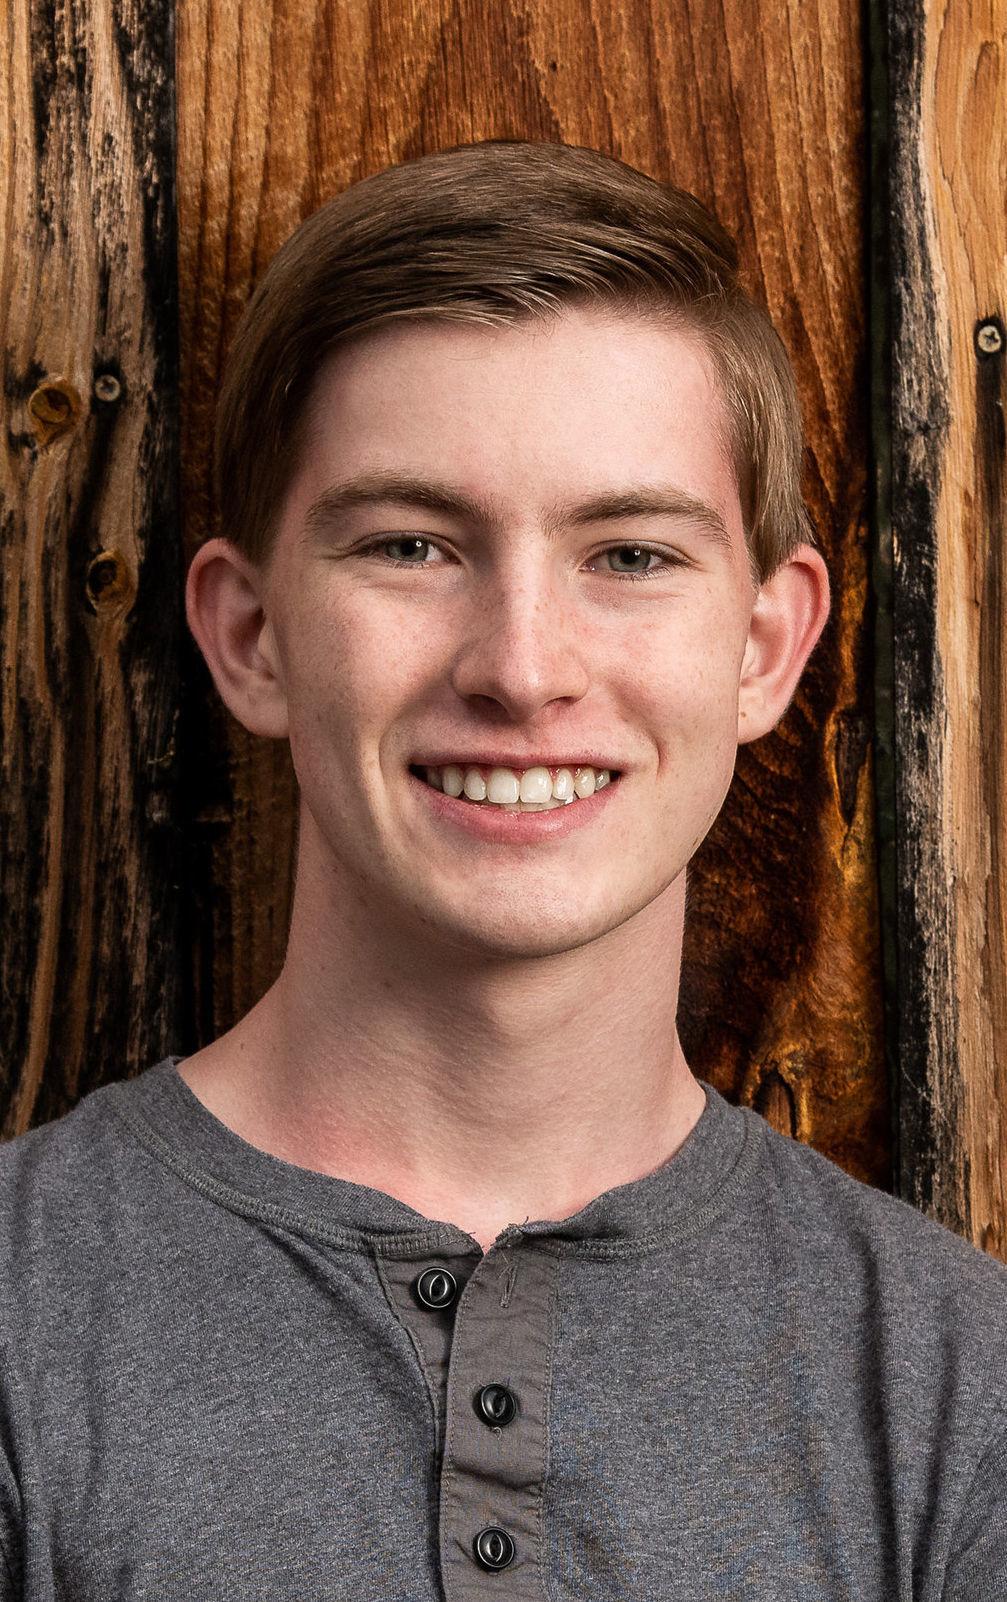 Ryan Beal